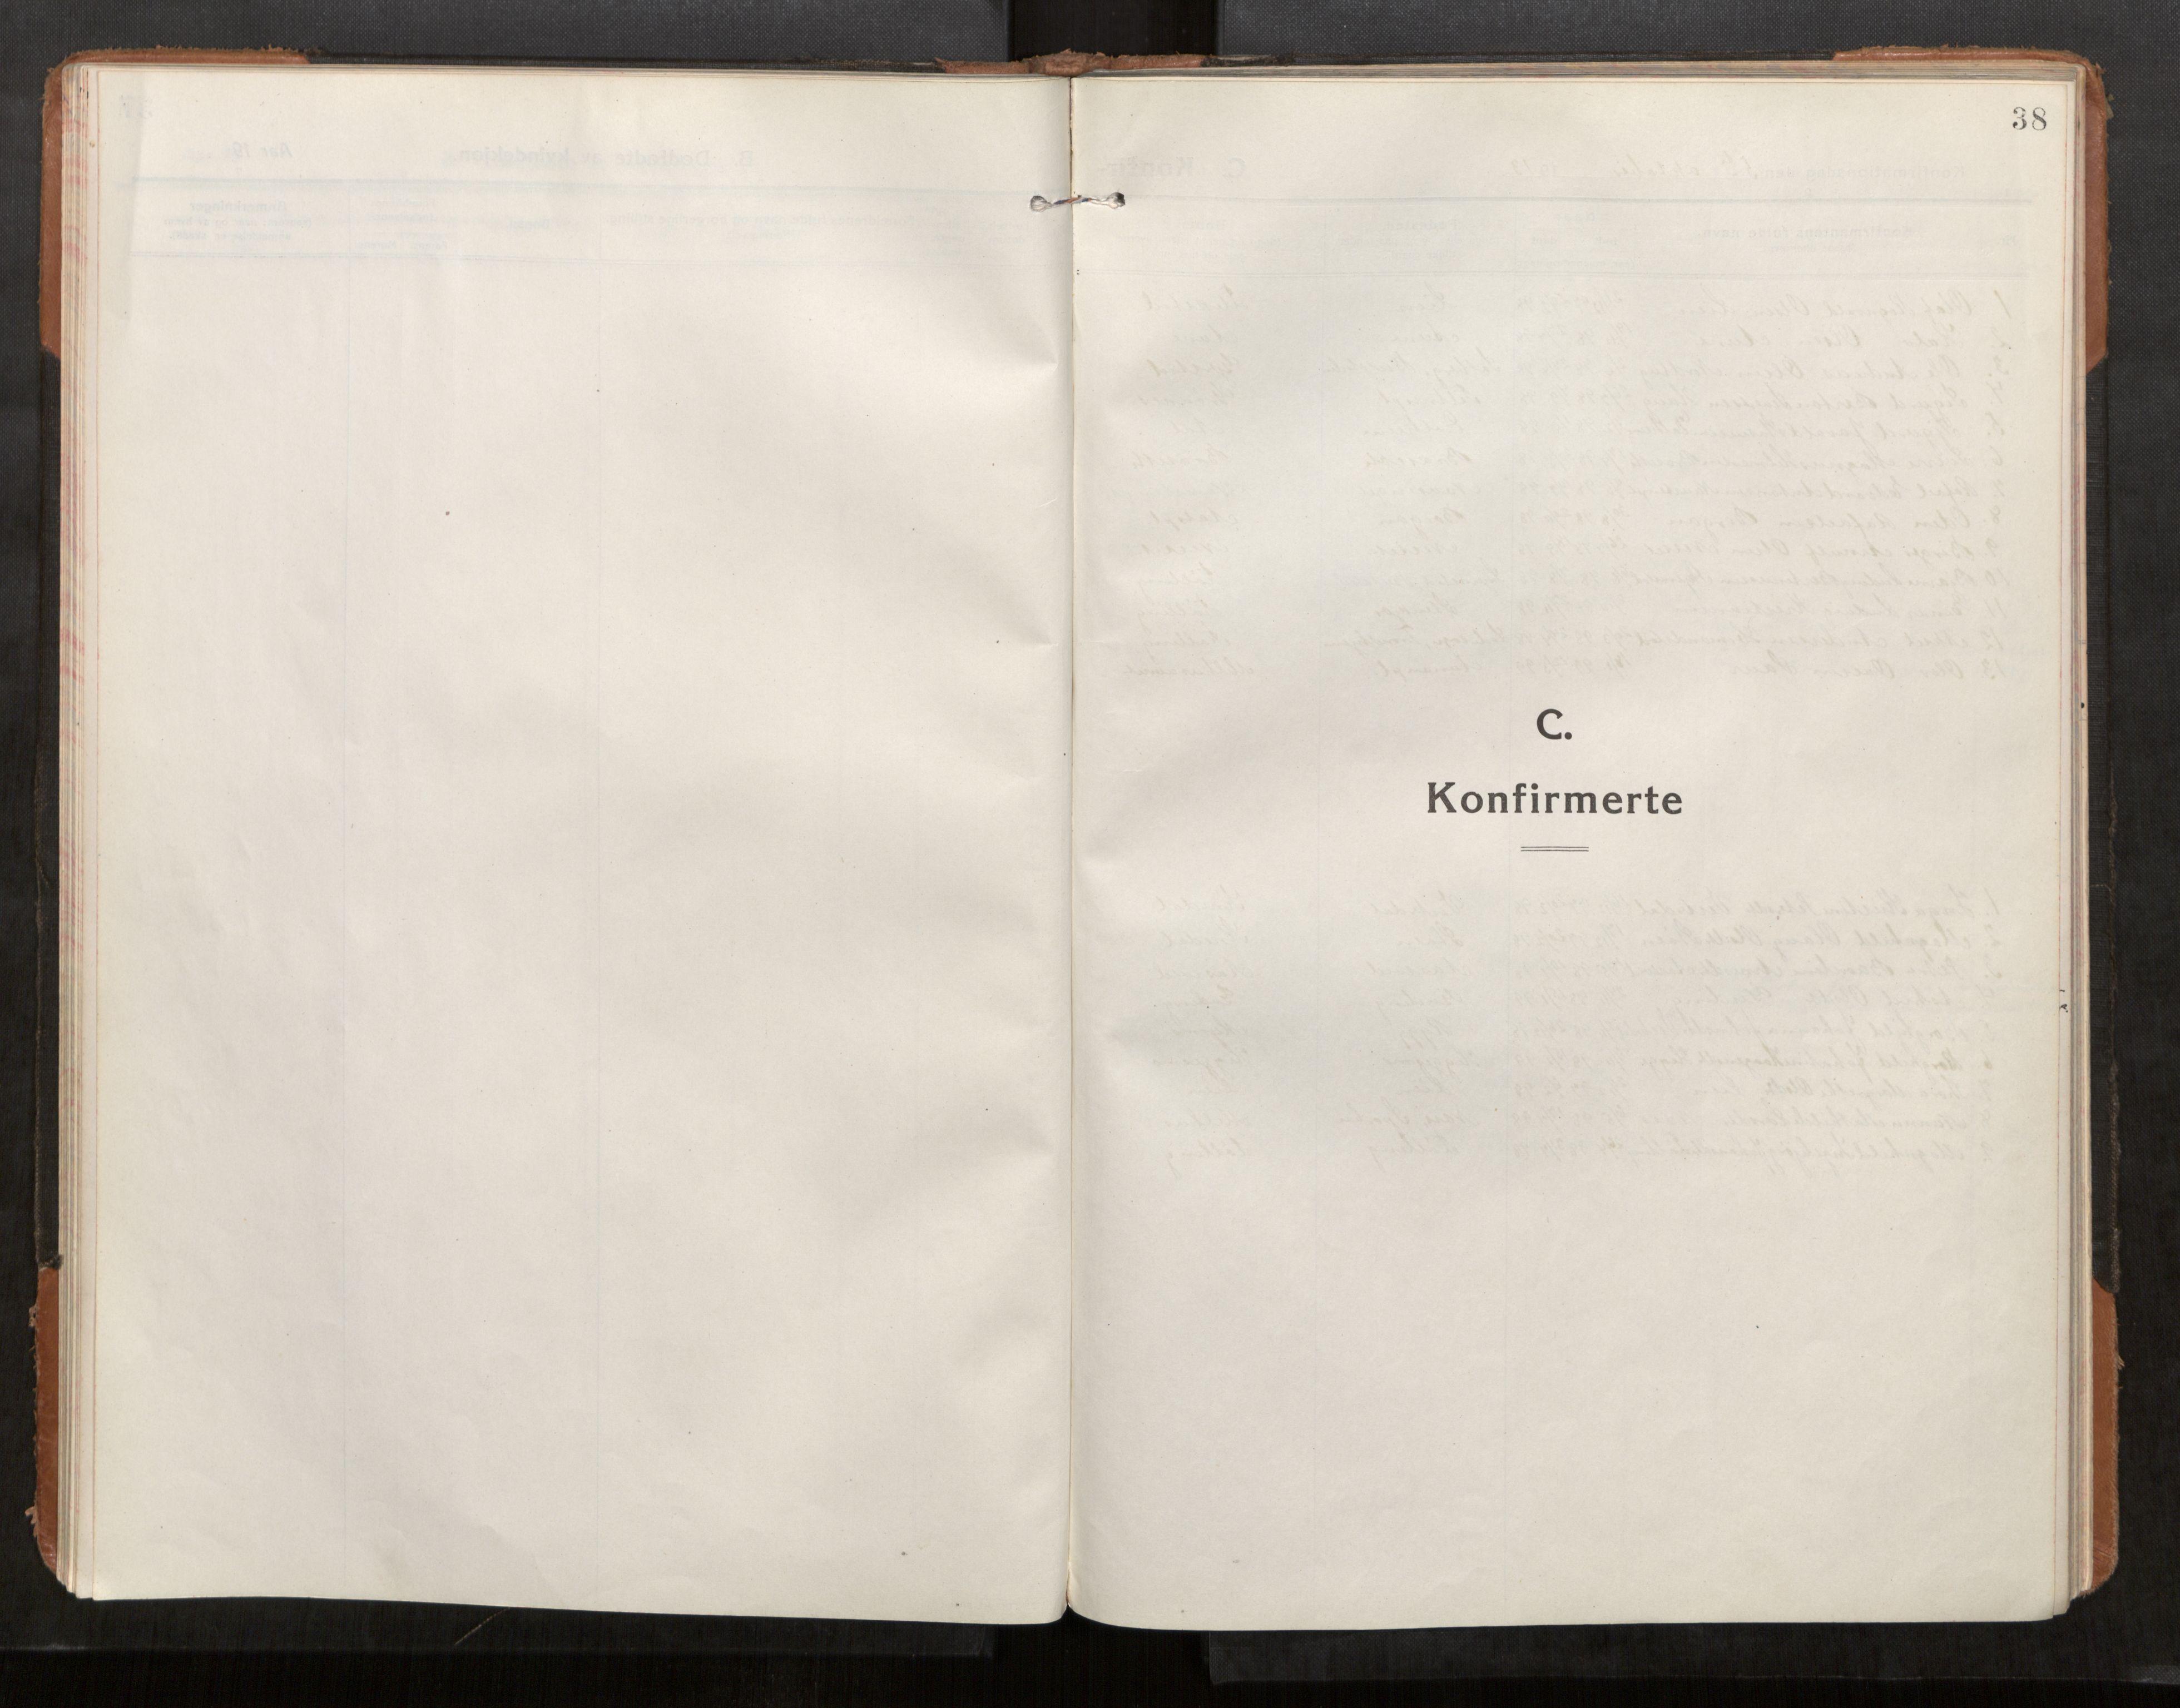 SAT, Stod sokneprestkontor, I/I1/I1a/L0004: Parish register (official) no. 4, 1913-1933, p. 38